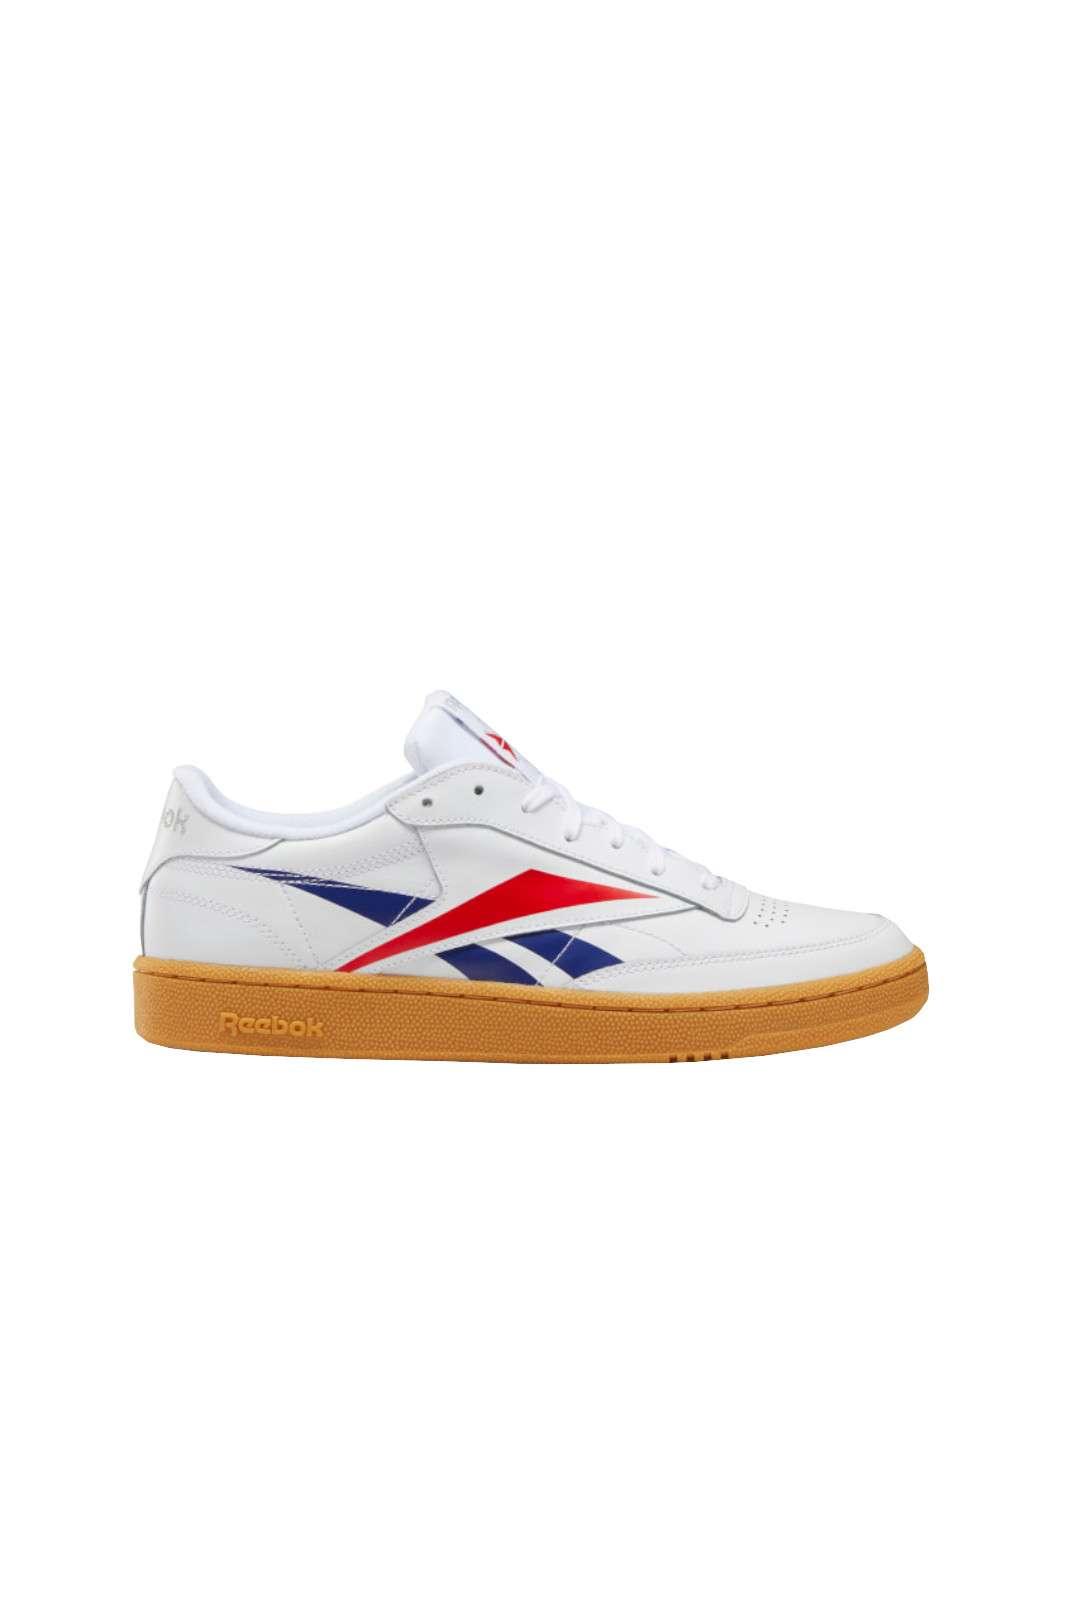 Le scarpe Reebok in pelle sono dotate di un colorato logo Vector per un look anni '90 e di un'intersuola in EVA che garantisce un'ammortizzazione leggera e un comfort duraturo. Per chi ama uno stile classico, ispirato ai modelli da tennis dal carattere rétro